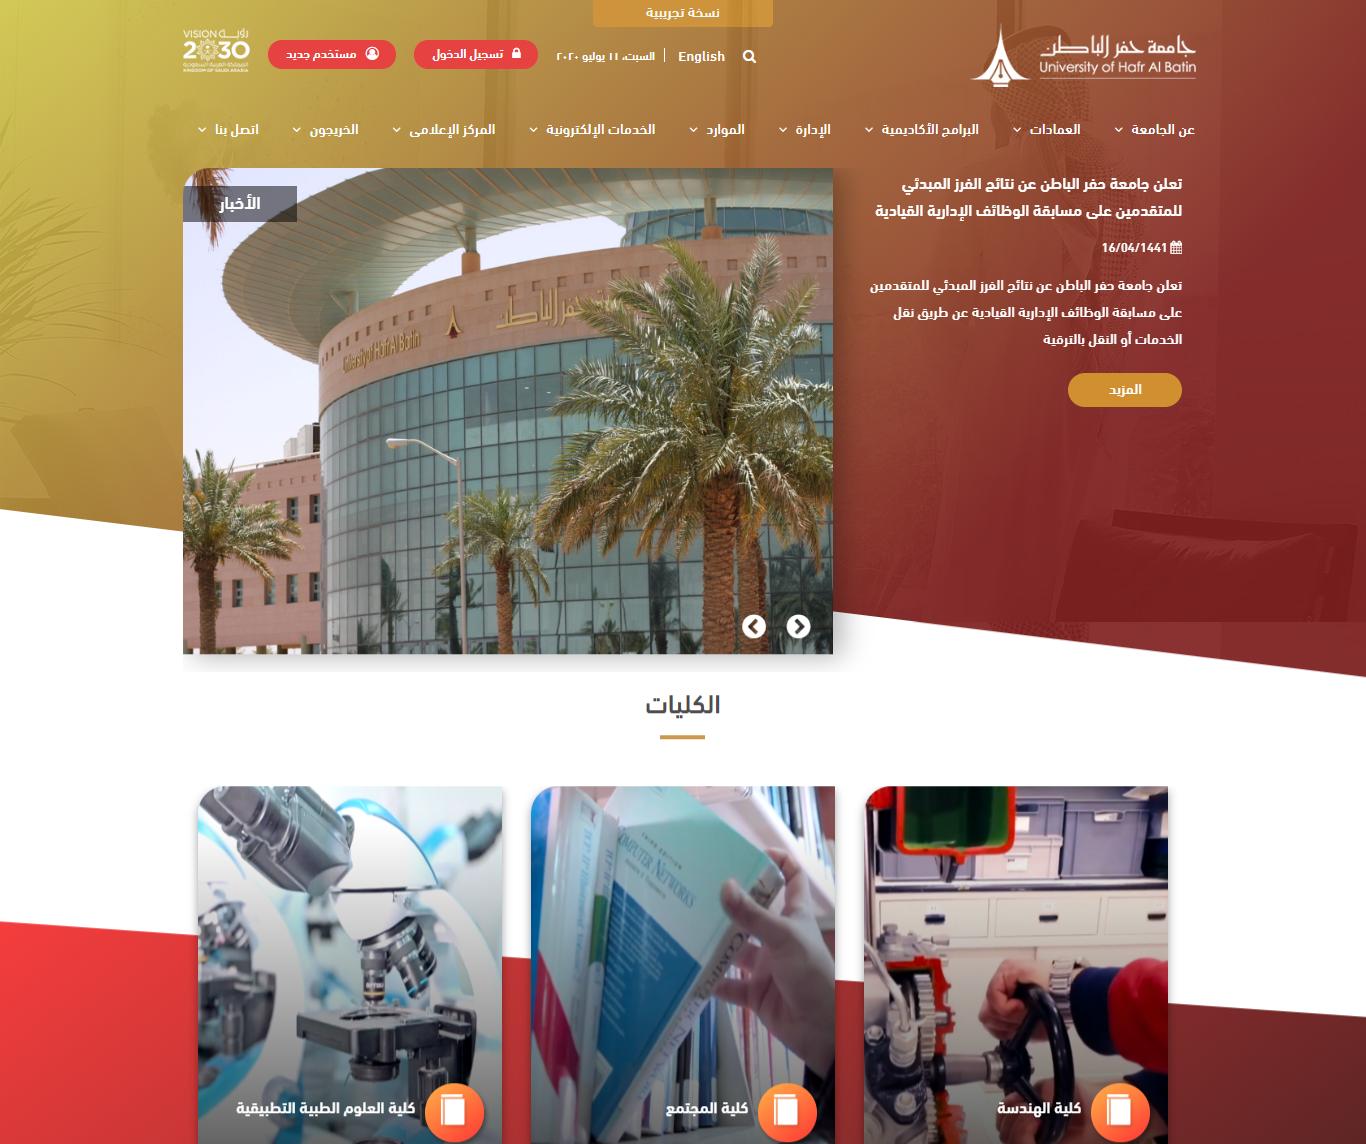 الموقع الرئيسي لجامعة حفر الباطن المنطقة الشرقية